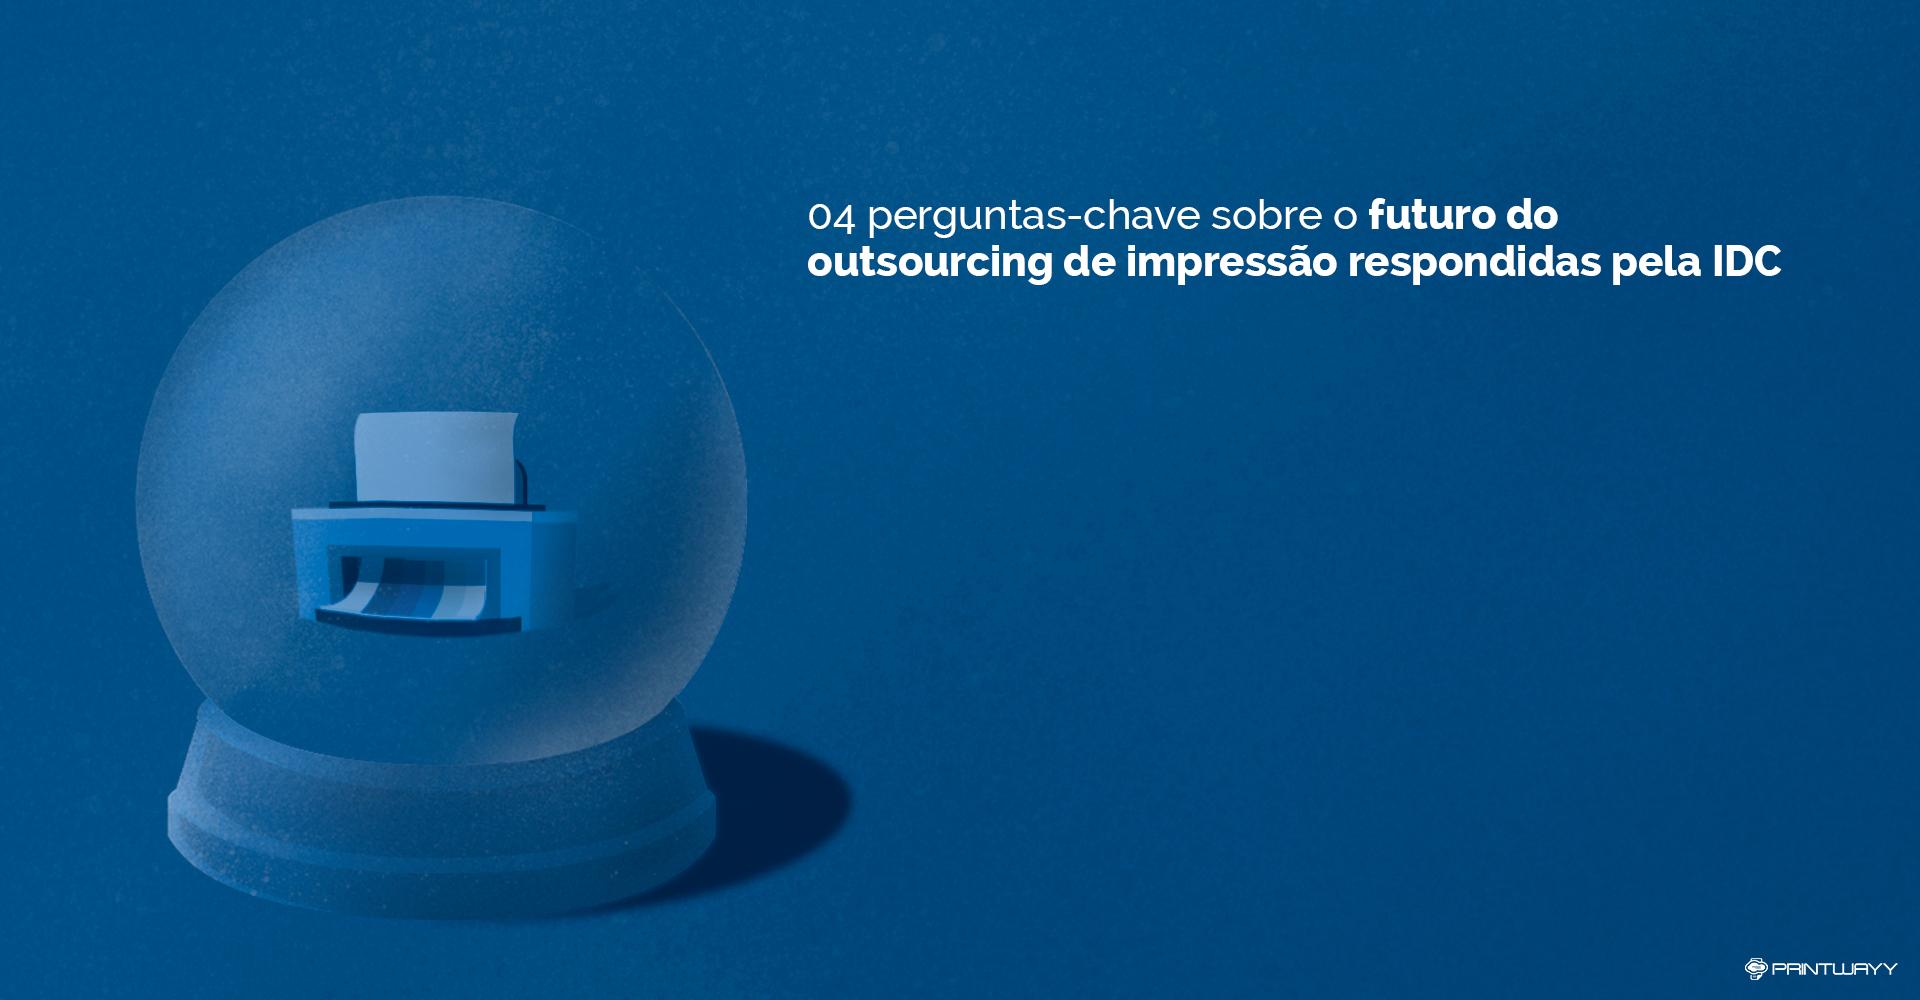 Uma bola de cristal mostra uma impressora, referenciando ao futuro do outsourcing de impressão.